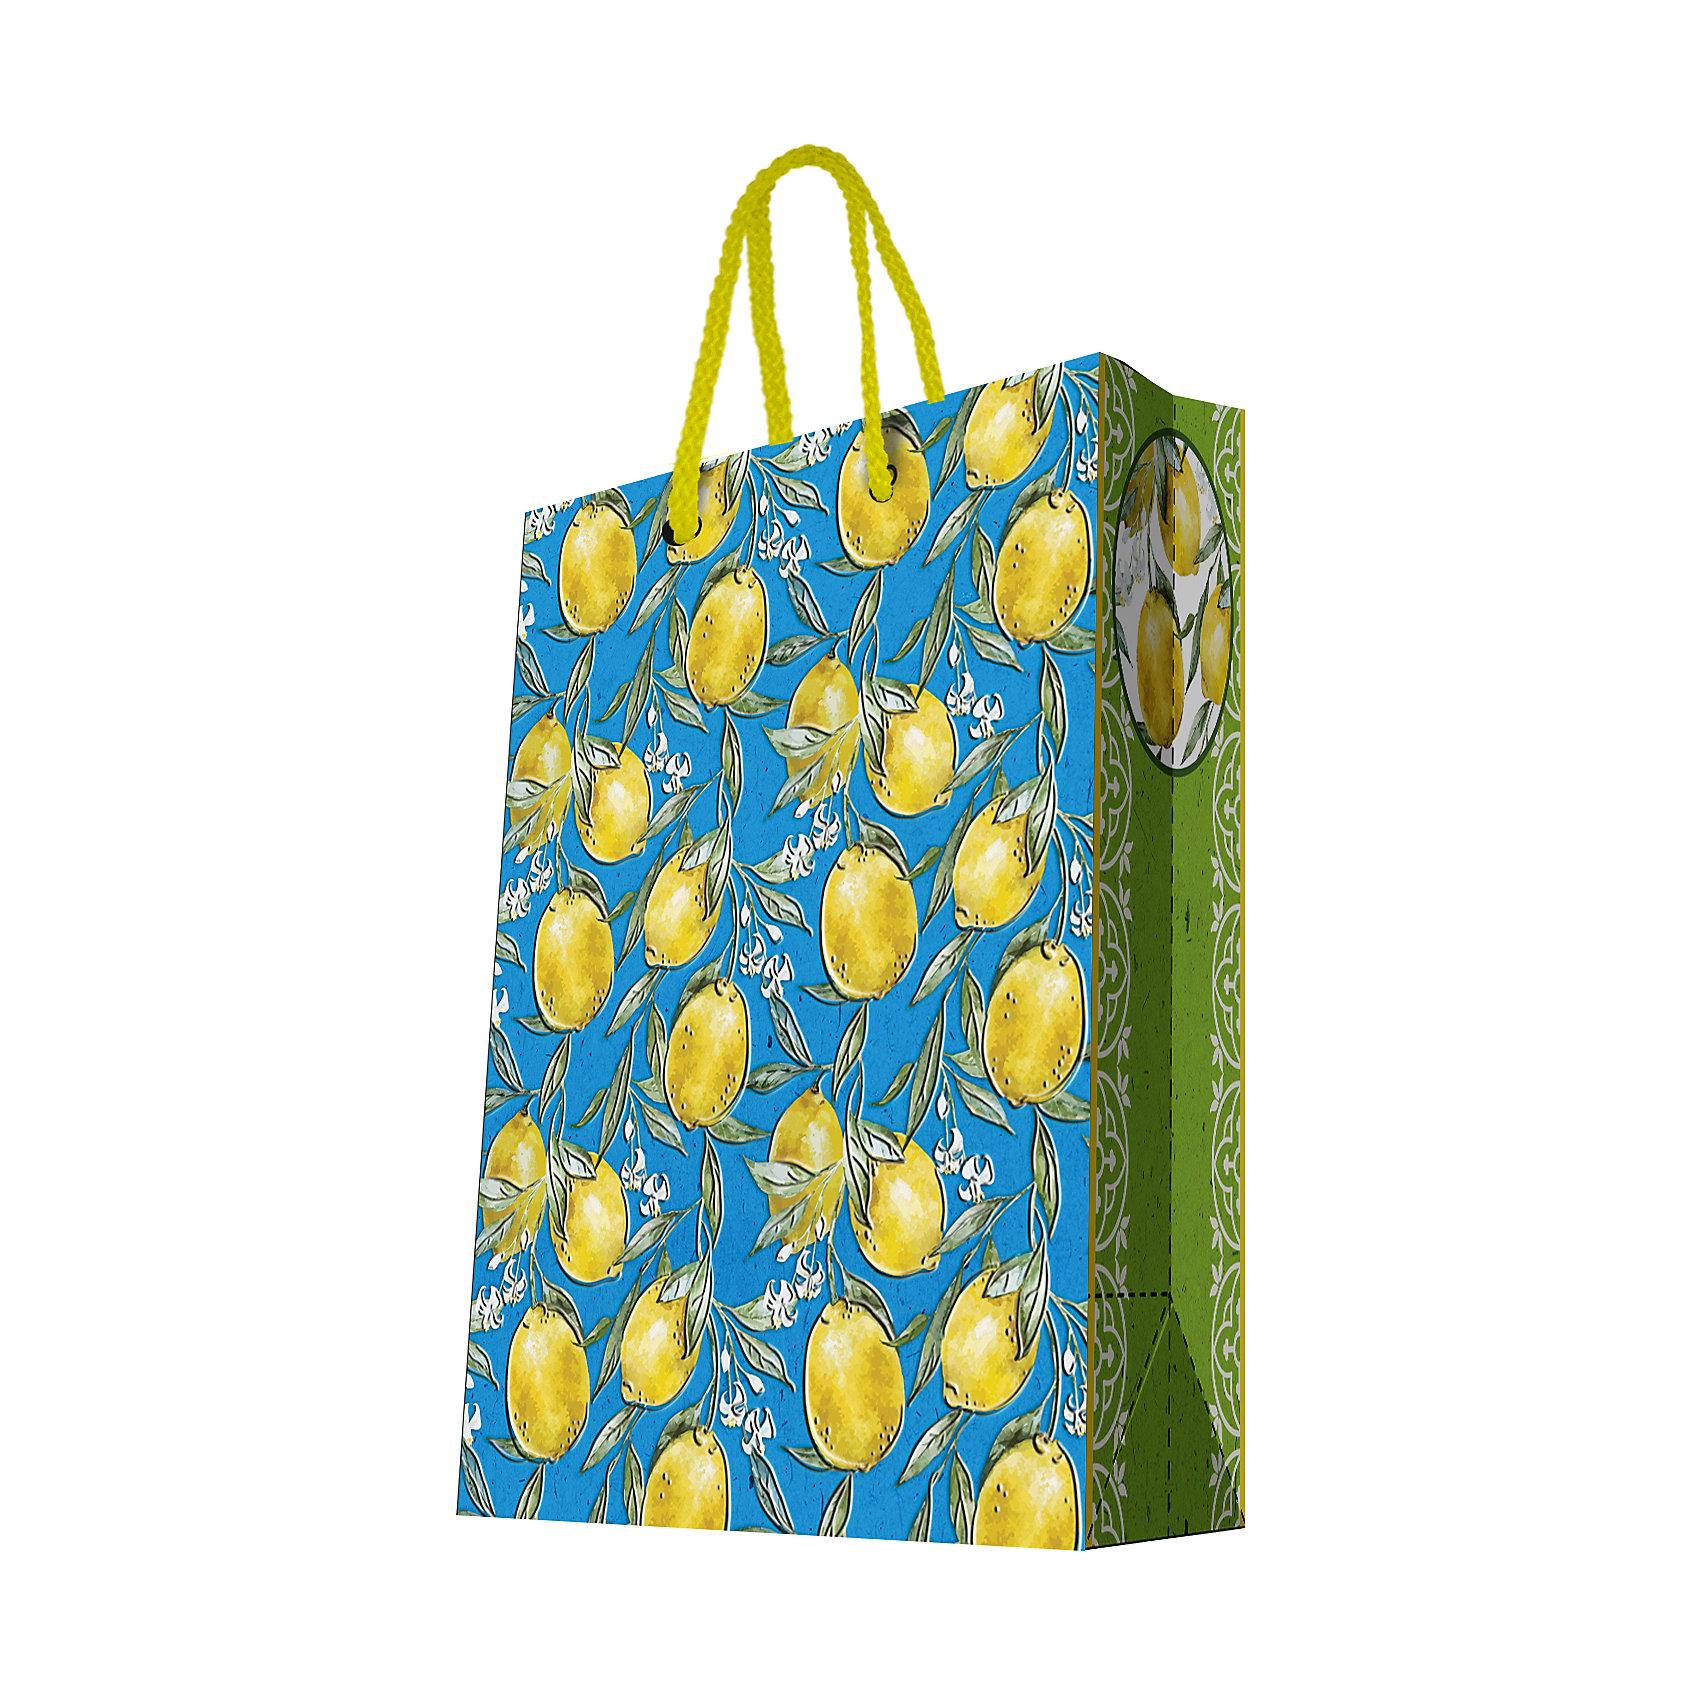 Подарочный пакет Лимоны 26*32,4*12,7 смВсё для праздника<br>Красиво упакованный подарок приятно получать вдвойне! Прочный красивый бумажный пакет станет прекрасным дополнением к подарку.<br><br>Дополнительная информация:<br><br>- Материал: бумага (плотность бумаги 250 г/м2).<br>- Размер: 26х32,4х12,7 cм.<br>- Ширина основания: 26 см.<br>- Эффект: ламинация.<br><br>Подарочный пакет Лимоны 26х32,4х12,7 см, можно купить в нашем магазине.<br><br>Ширина мм: 260<br>Глубина мм: 324<br>Высота мм: 127<br>Вес г: 100<br>Возраст от месяцев: 36<br>Возраст до месяцев: 2147483647<br>Пол: Унисекс<br>Возраст: Детский<br>SKU: 4548400